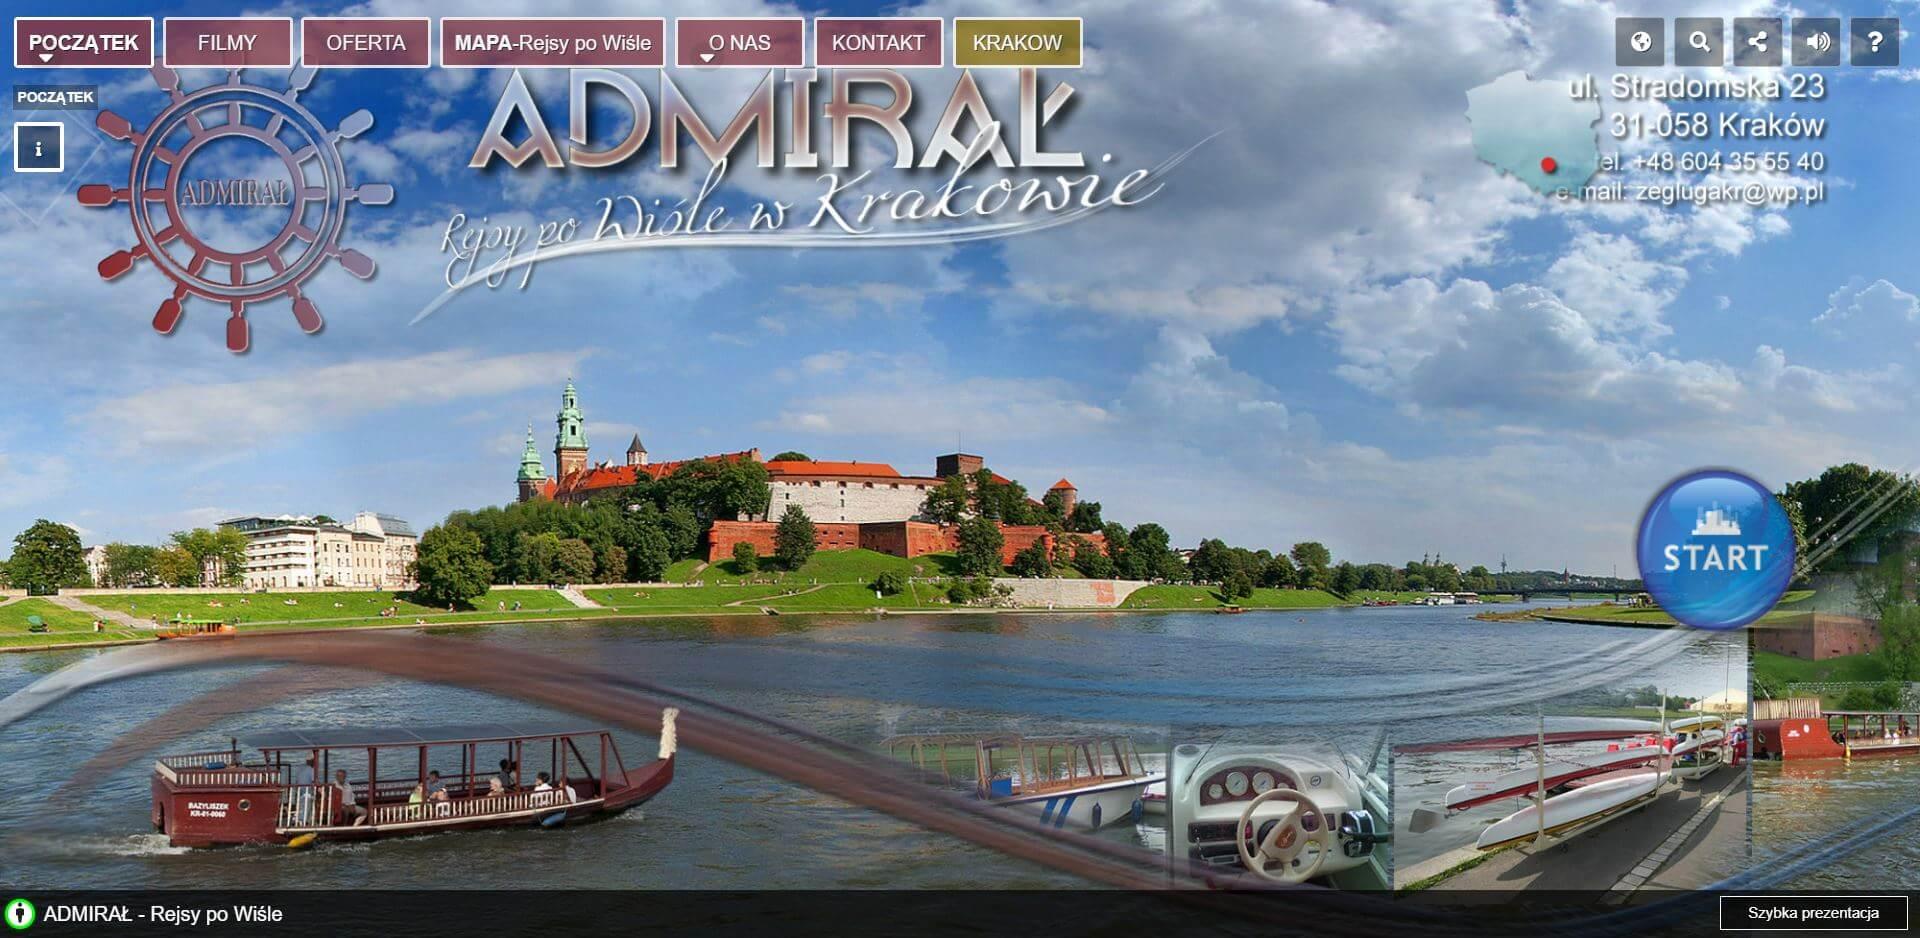 Wirtualny spacer - rejsy po Wiśle w Krakowie